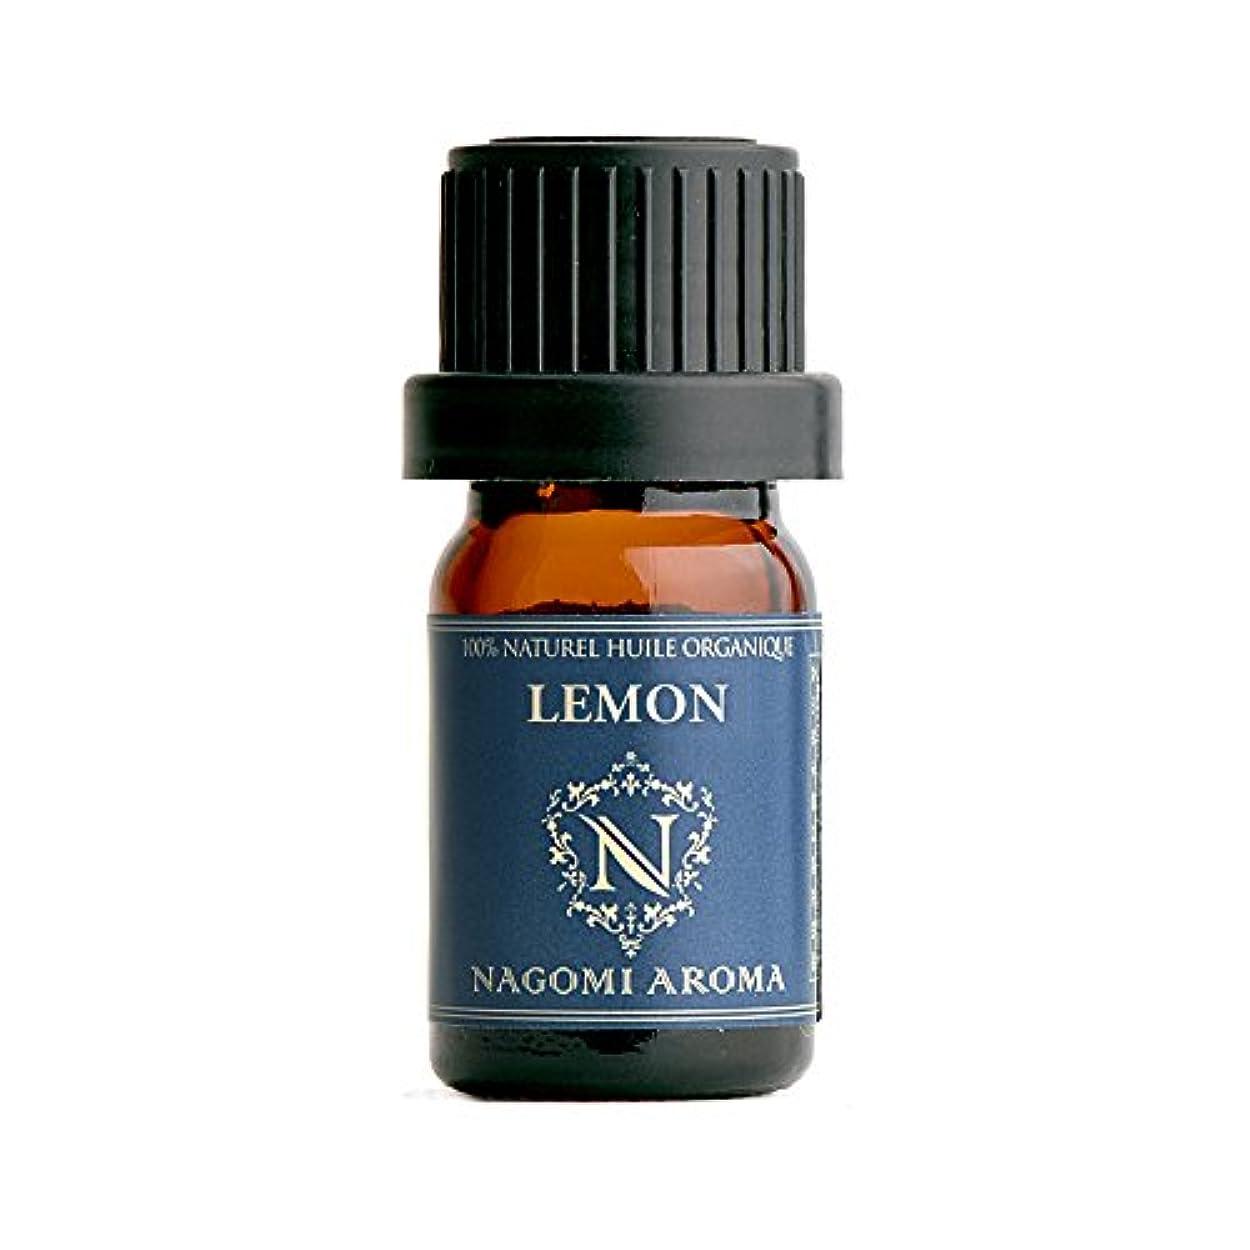 暴力的なガロン曖昧なNAGOMI AROMA オーガニック レモン 5ml 【AEAJ認定精油】【アロマオイル】